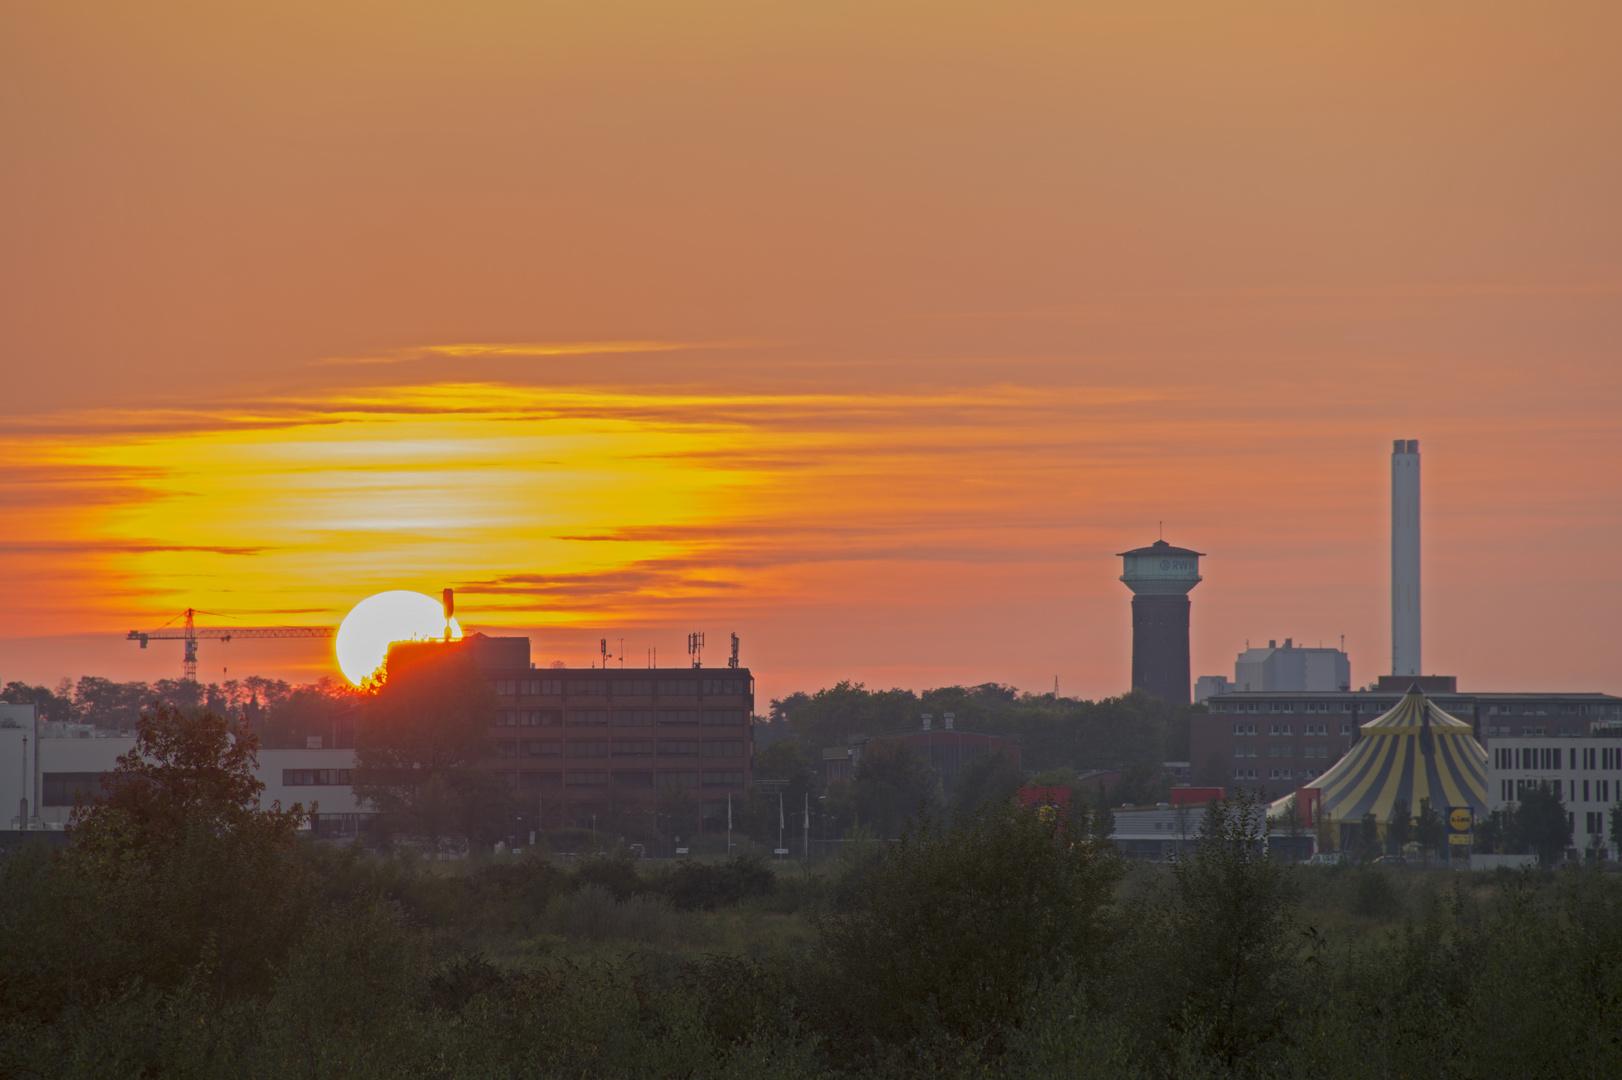 Frauenhofer-Umsicht Sonnenuntergang